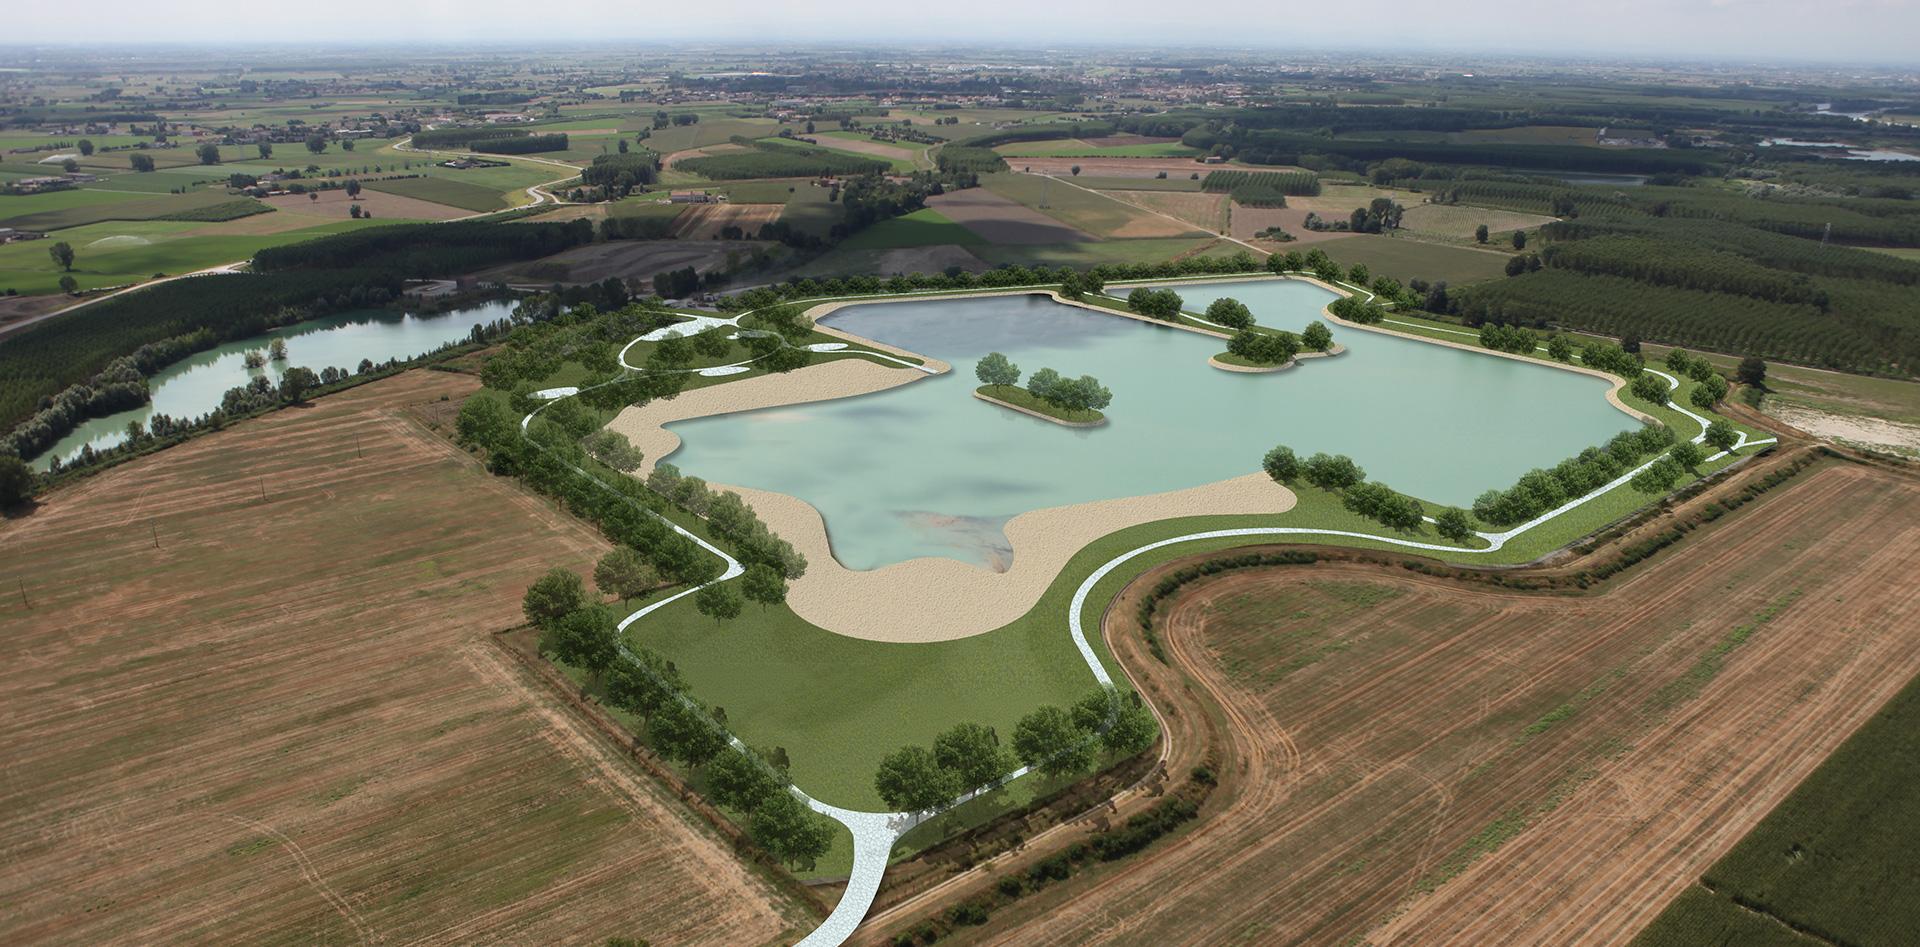 Progettazione e Pianificazione ambientale industria estrattiva Emiliana Conglomerati, Binini Partners, Società di architettura e ingegneria